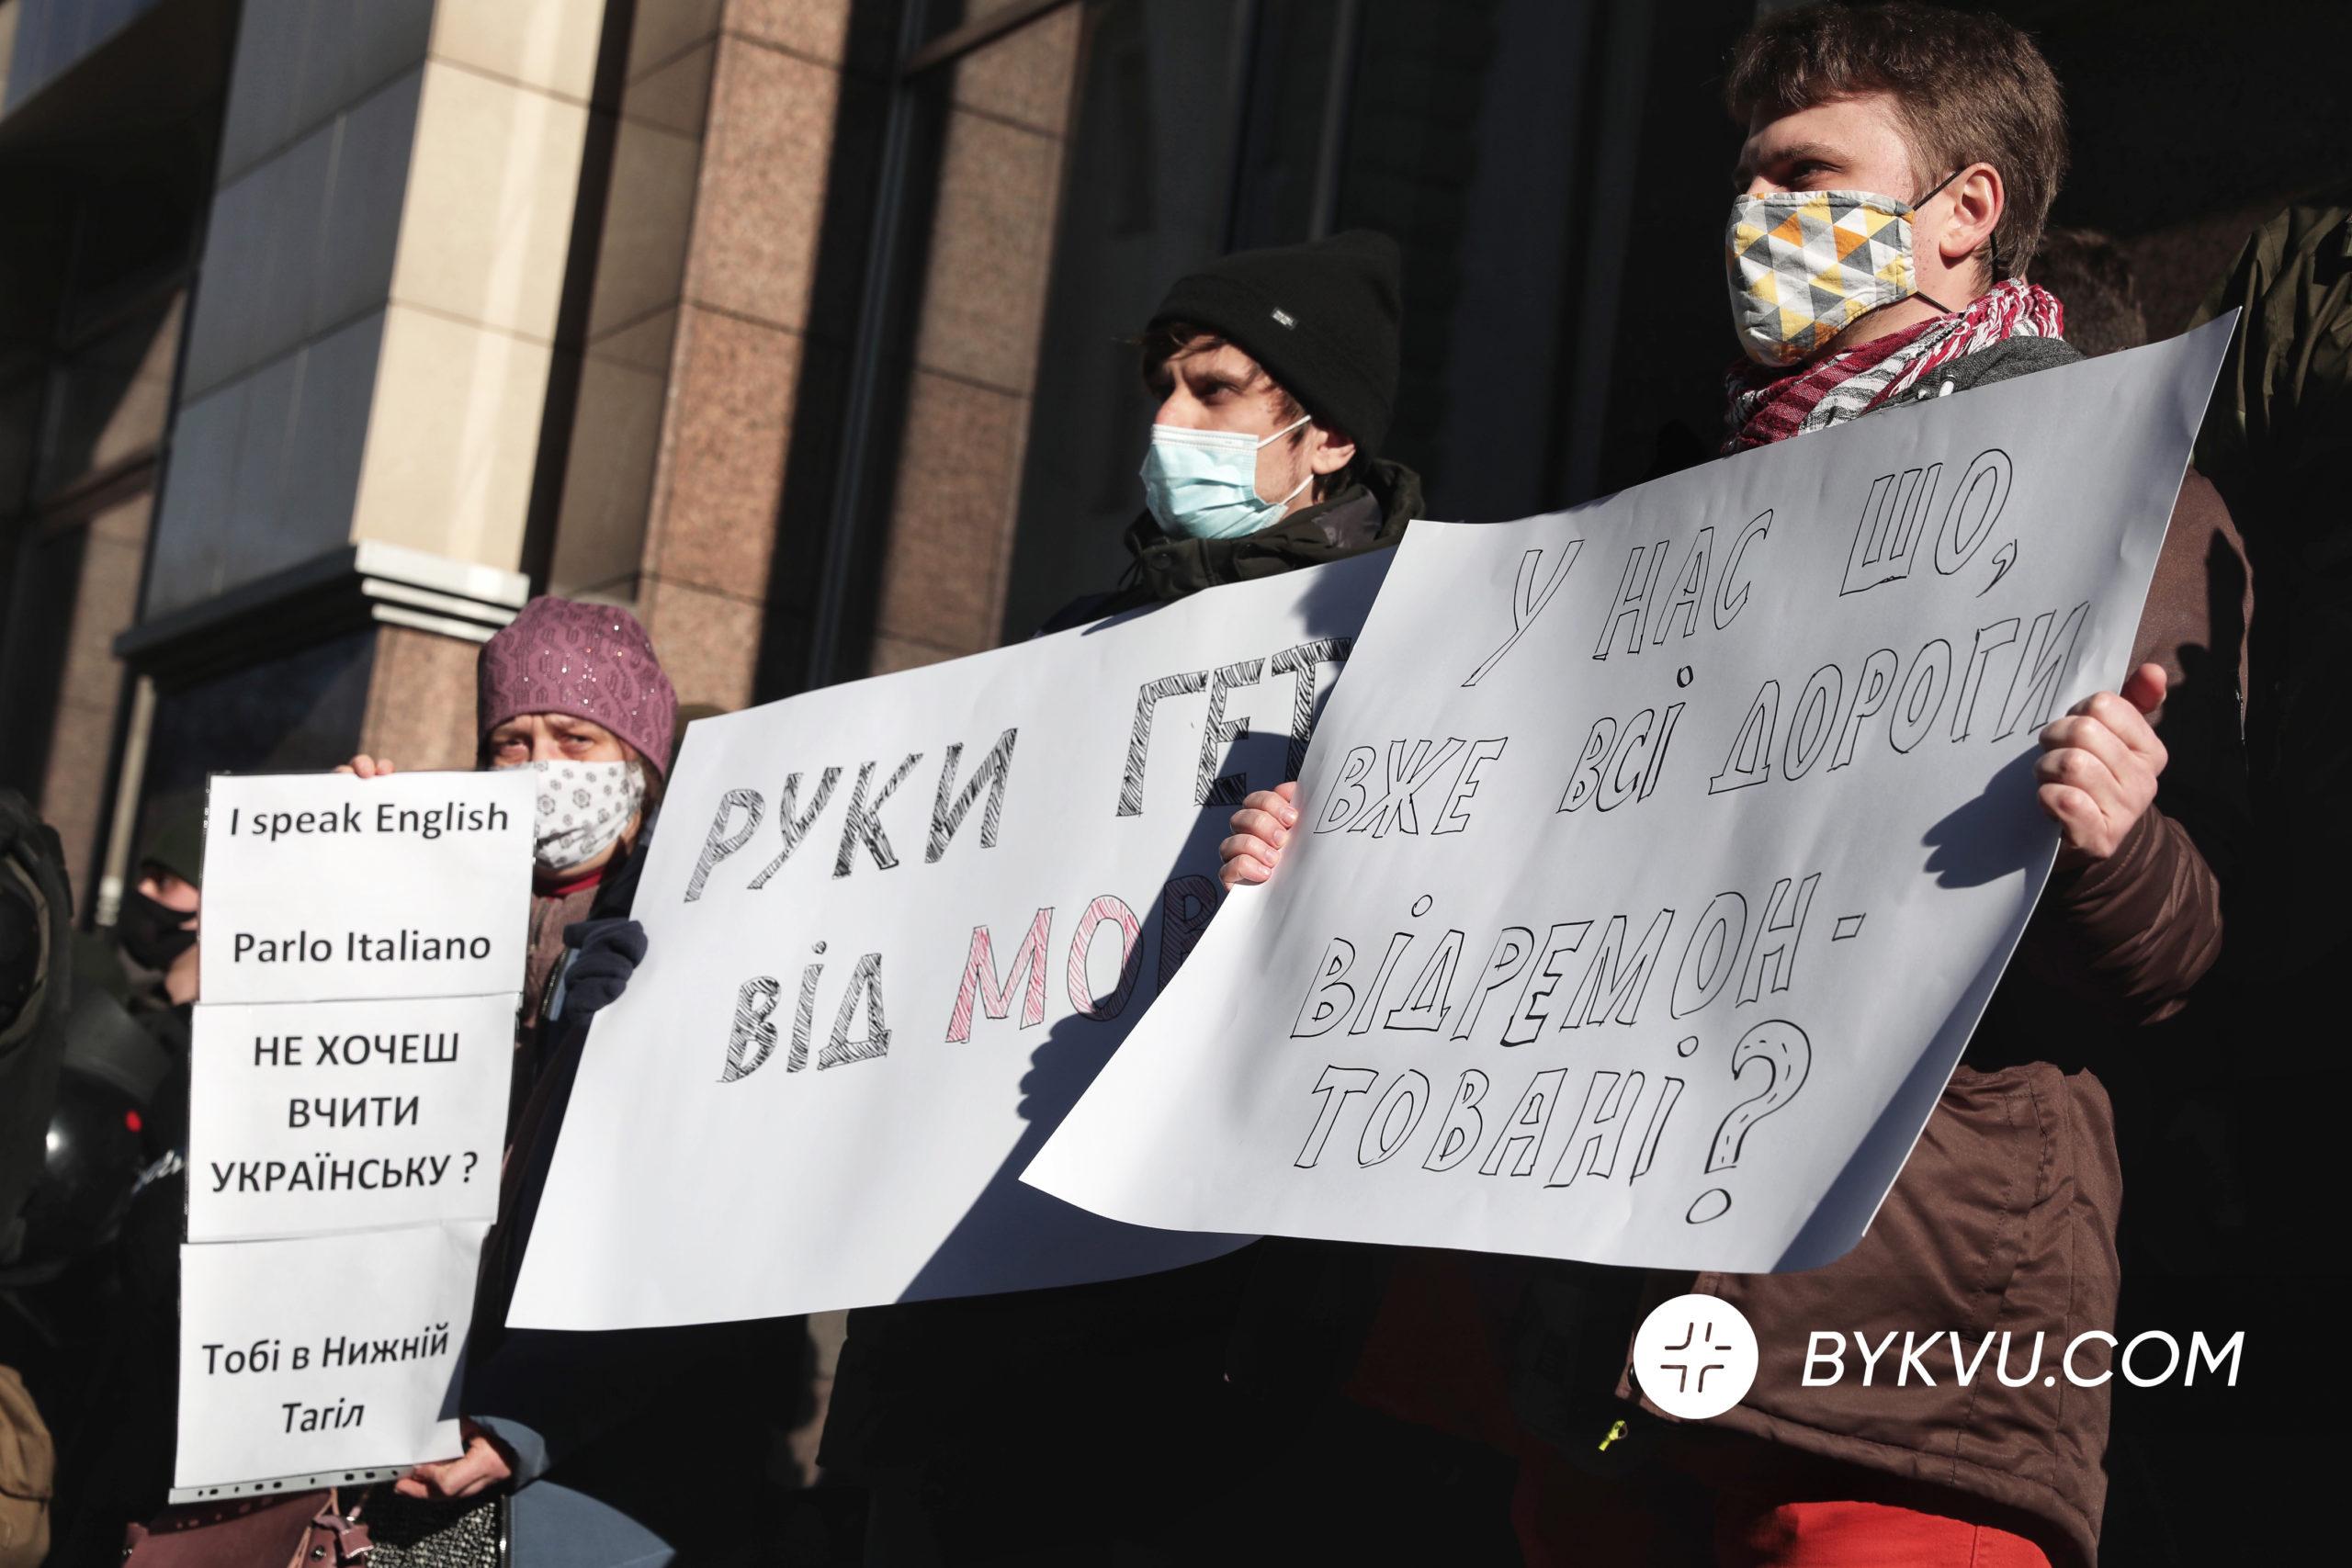 Акція проти змін у закон про мовуАкція проти змін у закон про мову